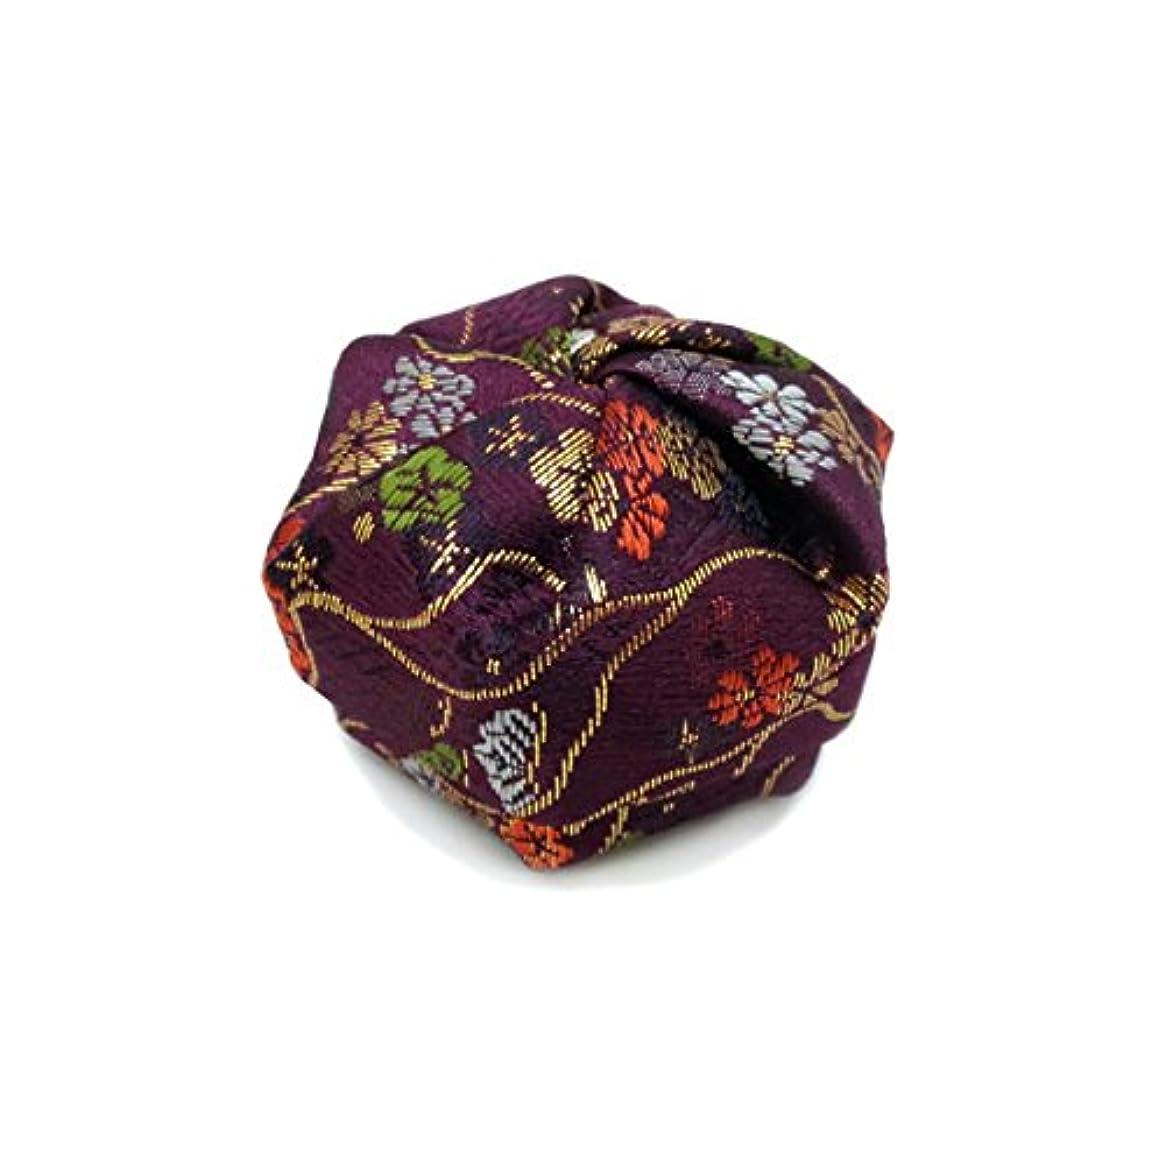 してはいけません近く追放する布香盒 紫系 紙箱入